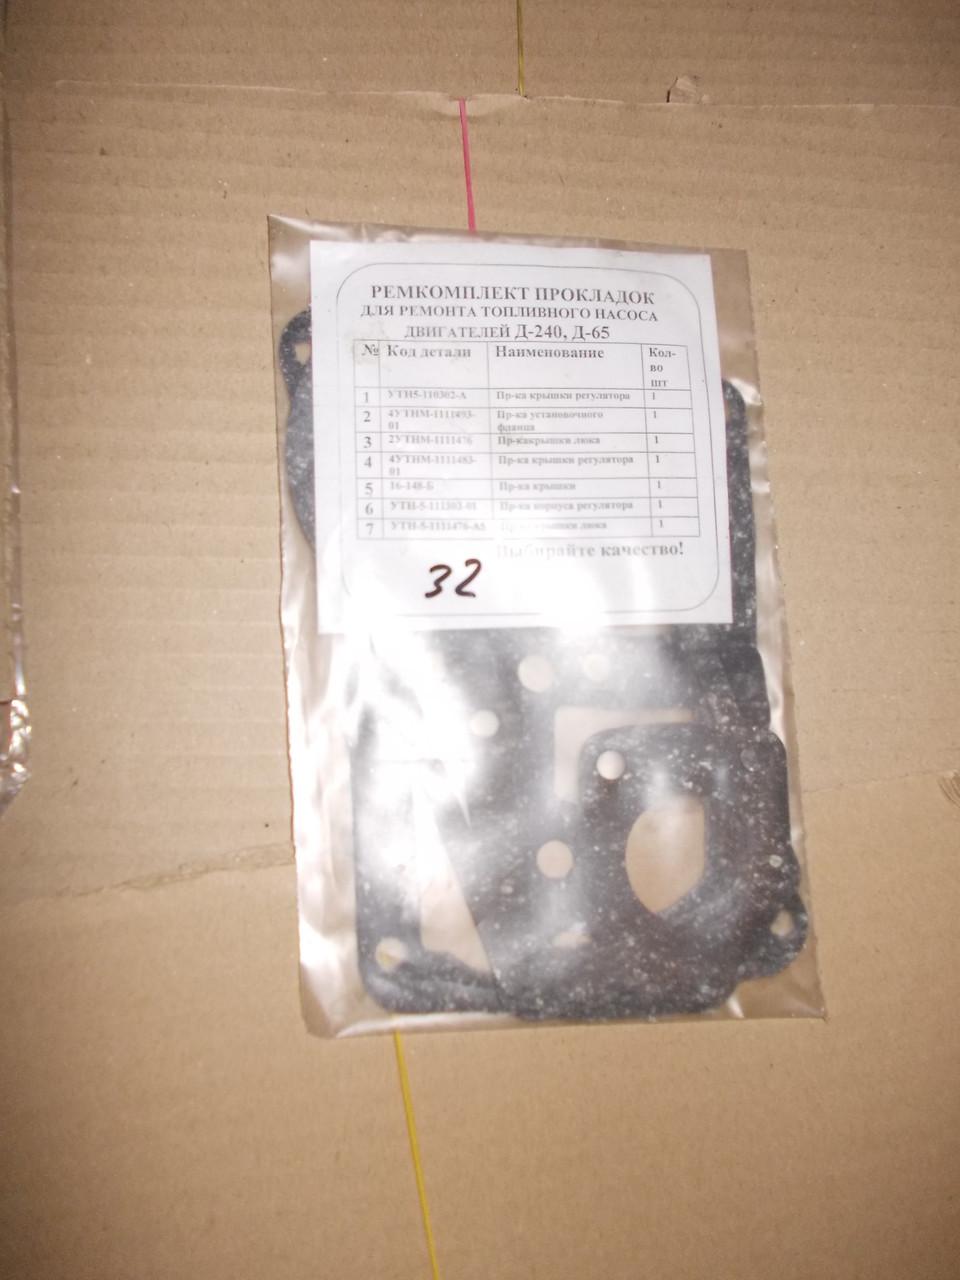 К-т прокладок ТНВД Д-240, Д-65, СМД-14-24 (паронитовых)